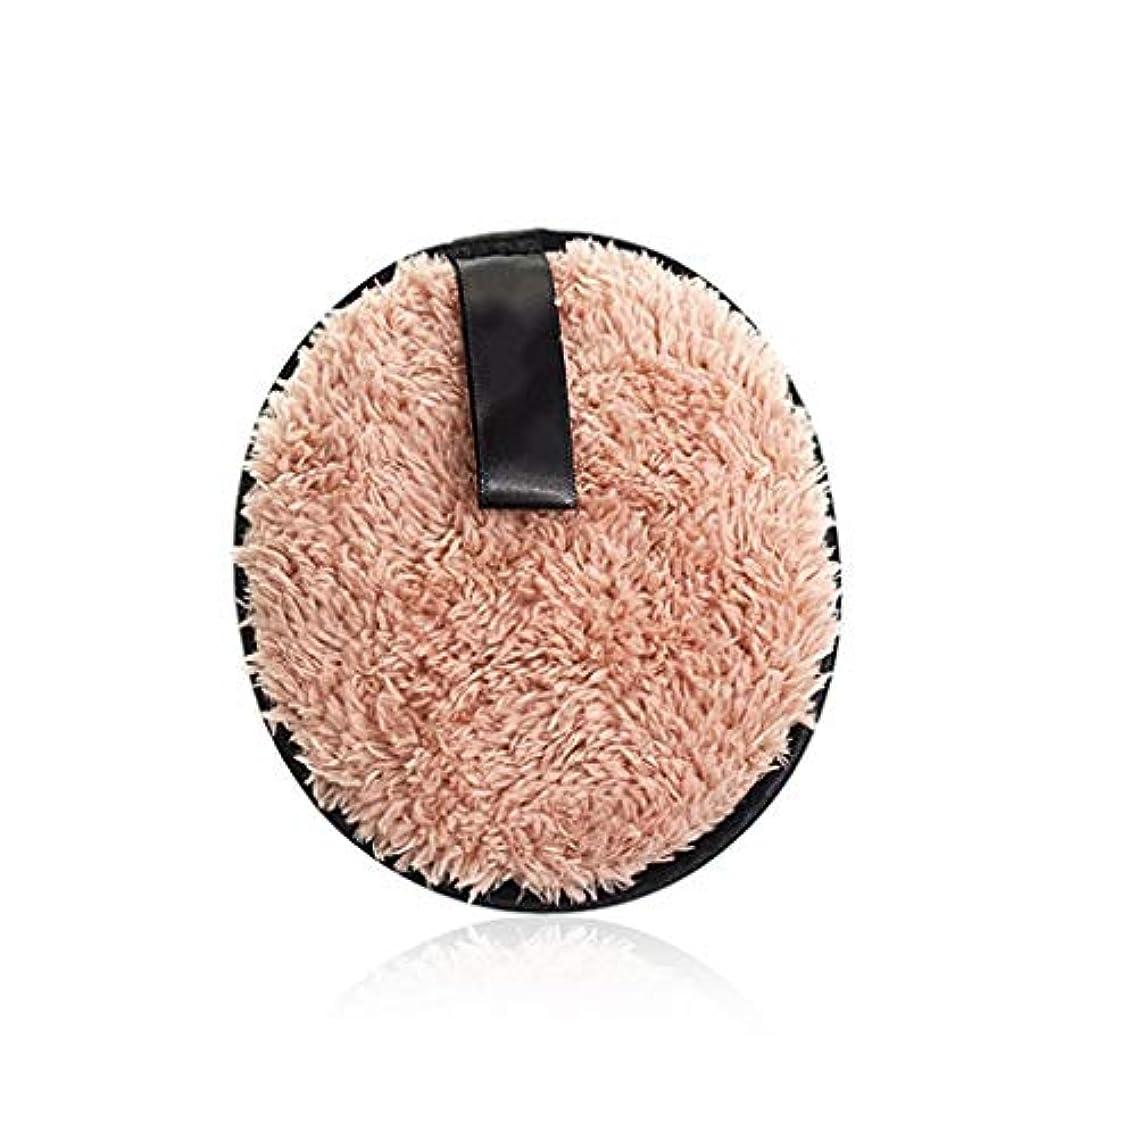 フレッシュ給料怒っているフェイスメイクアップリムーバーソフトスポンジコットンメイクアップリムーバークロスパウダーパフ洗顔ワイプ再利用可能な洗えるパッド (Color : Light brown, サイズ : 4.7*4.7*0.7inch)